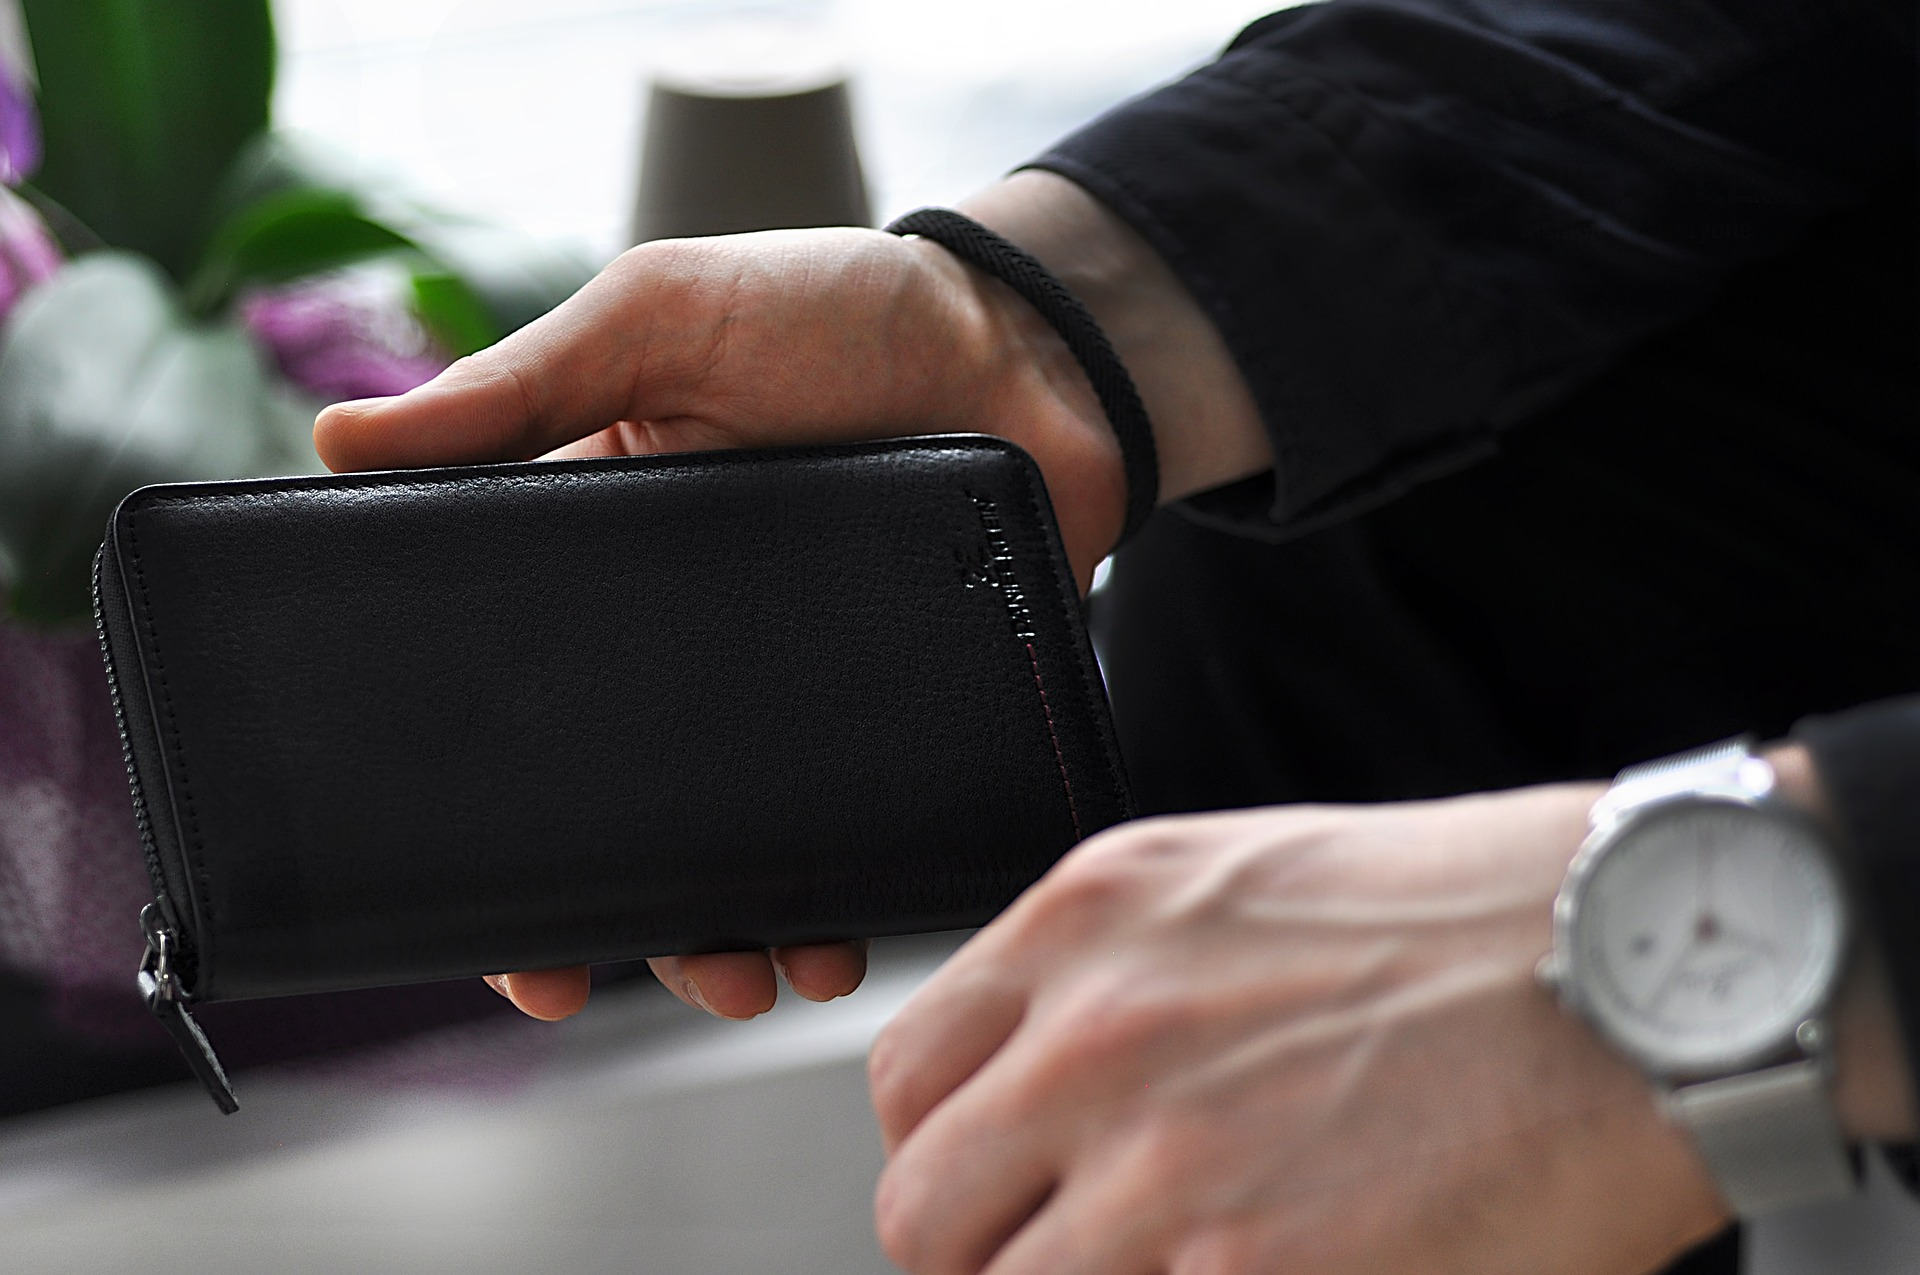 Uomo con portafoglio in mano